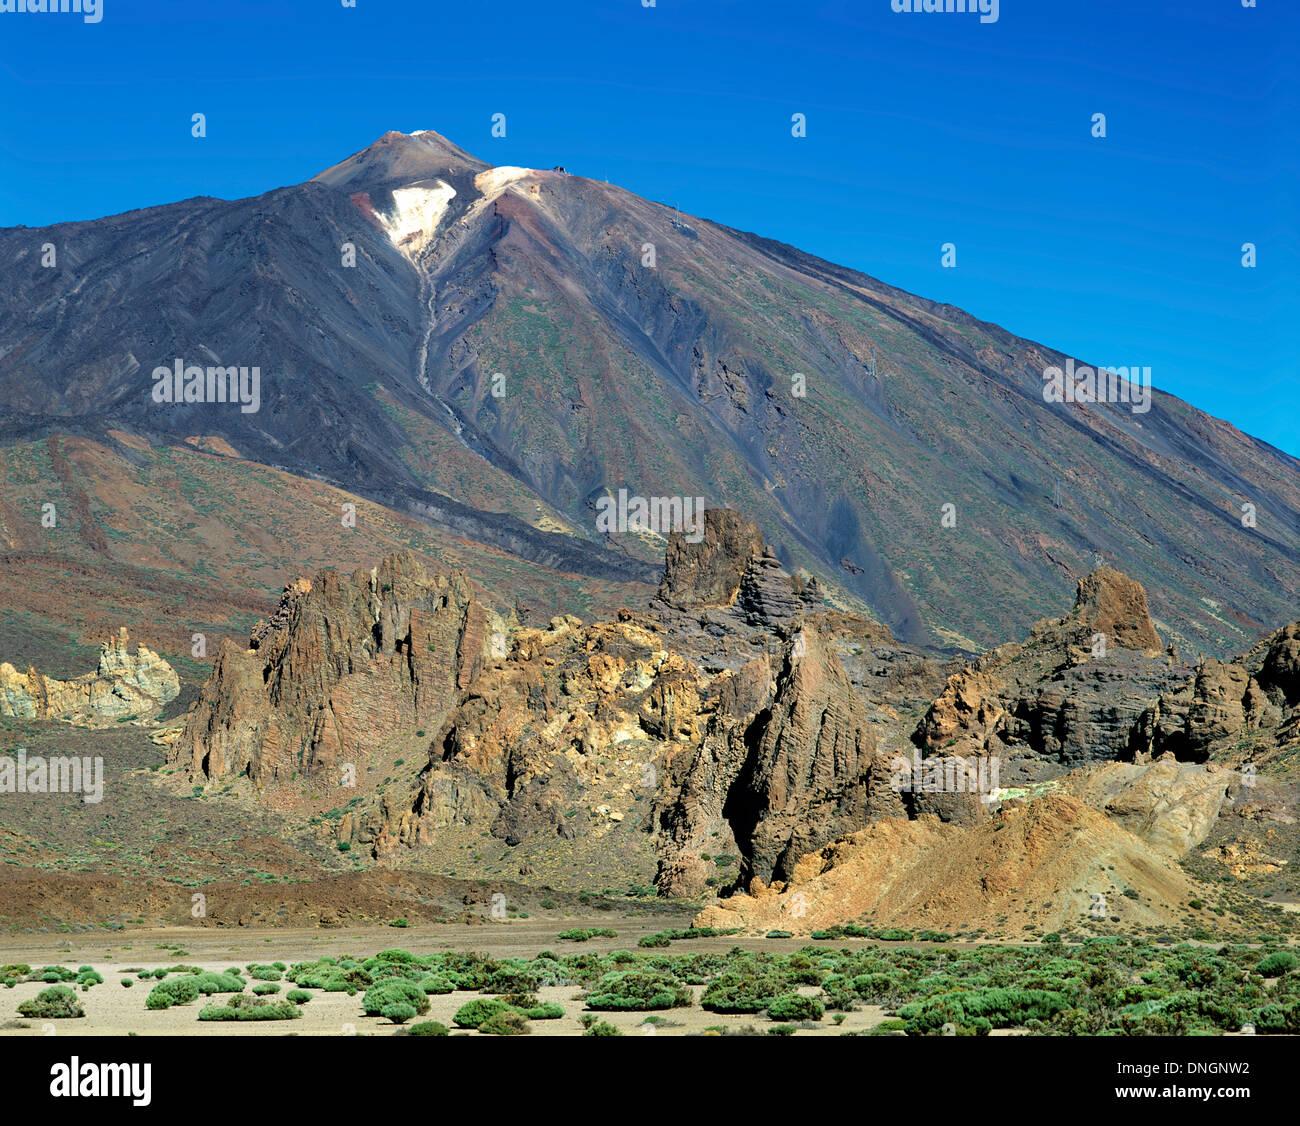 Blick auf den Teide zeigt Caldera Las Canadas, Santa Cruz De Tenerife, Teneriffa, Spanien Stockbild